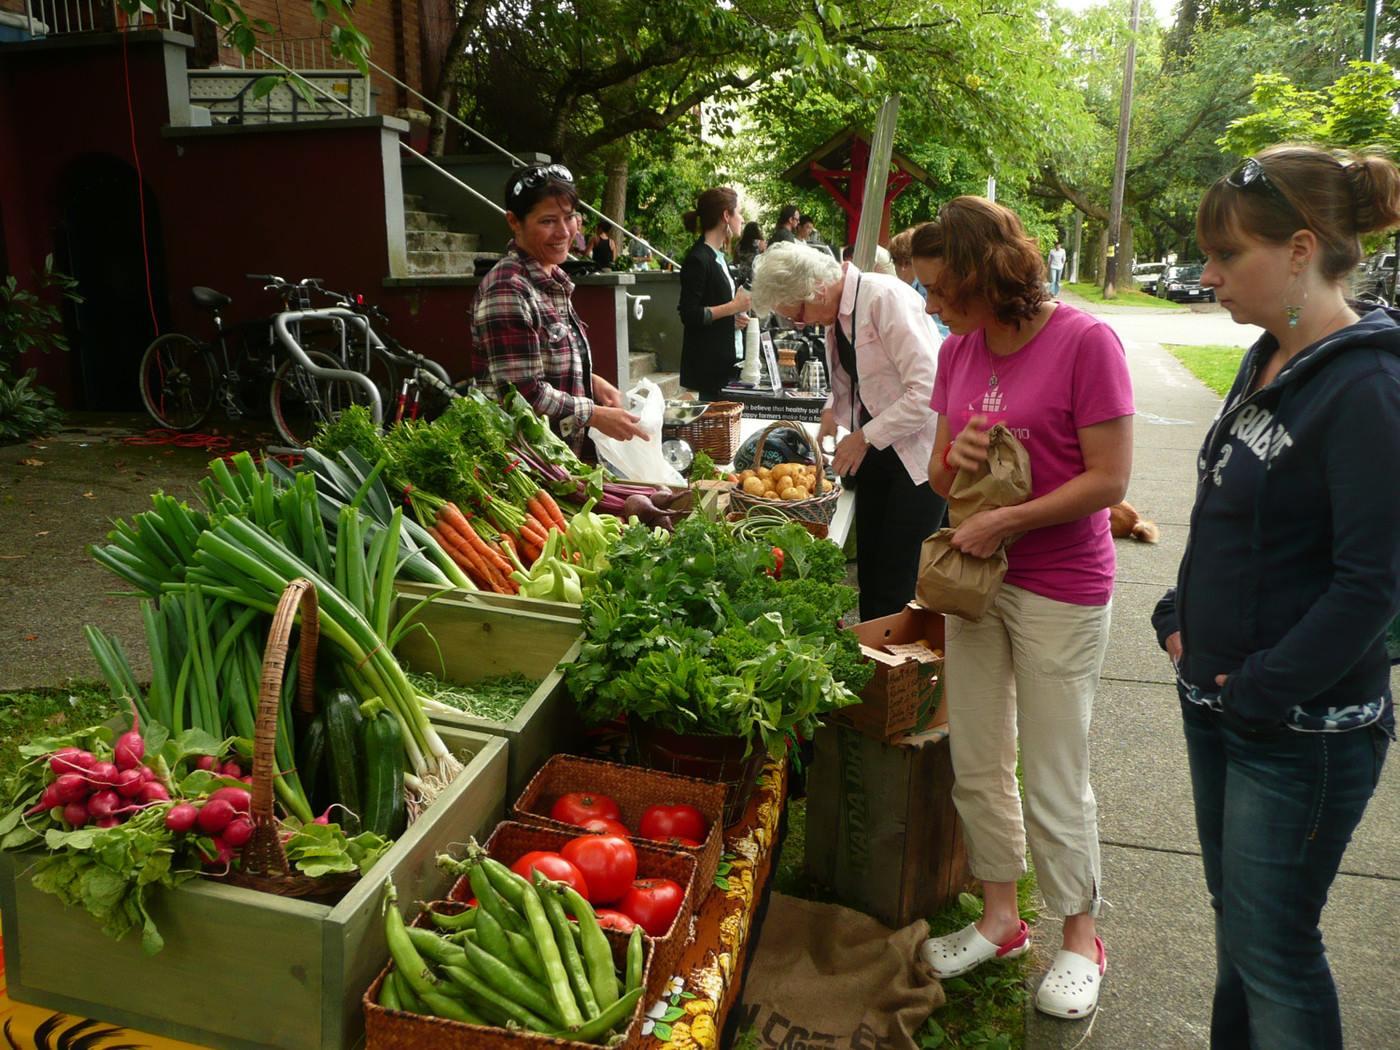 Food is Free: แจกฟรีพืชผัก แบ่งปันอาหารอินทรีย์ สร้างสัมพันธ์ที่ดีในชุมชน